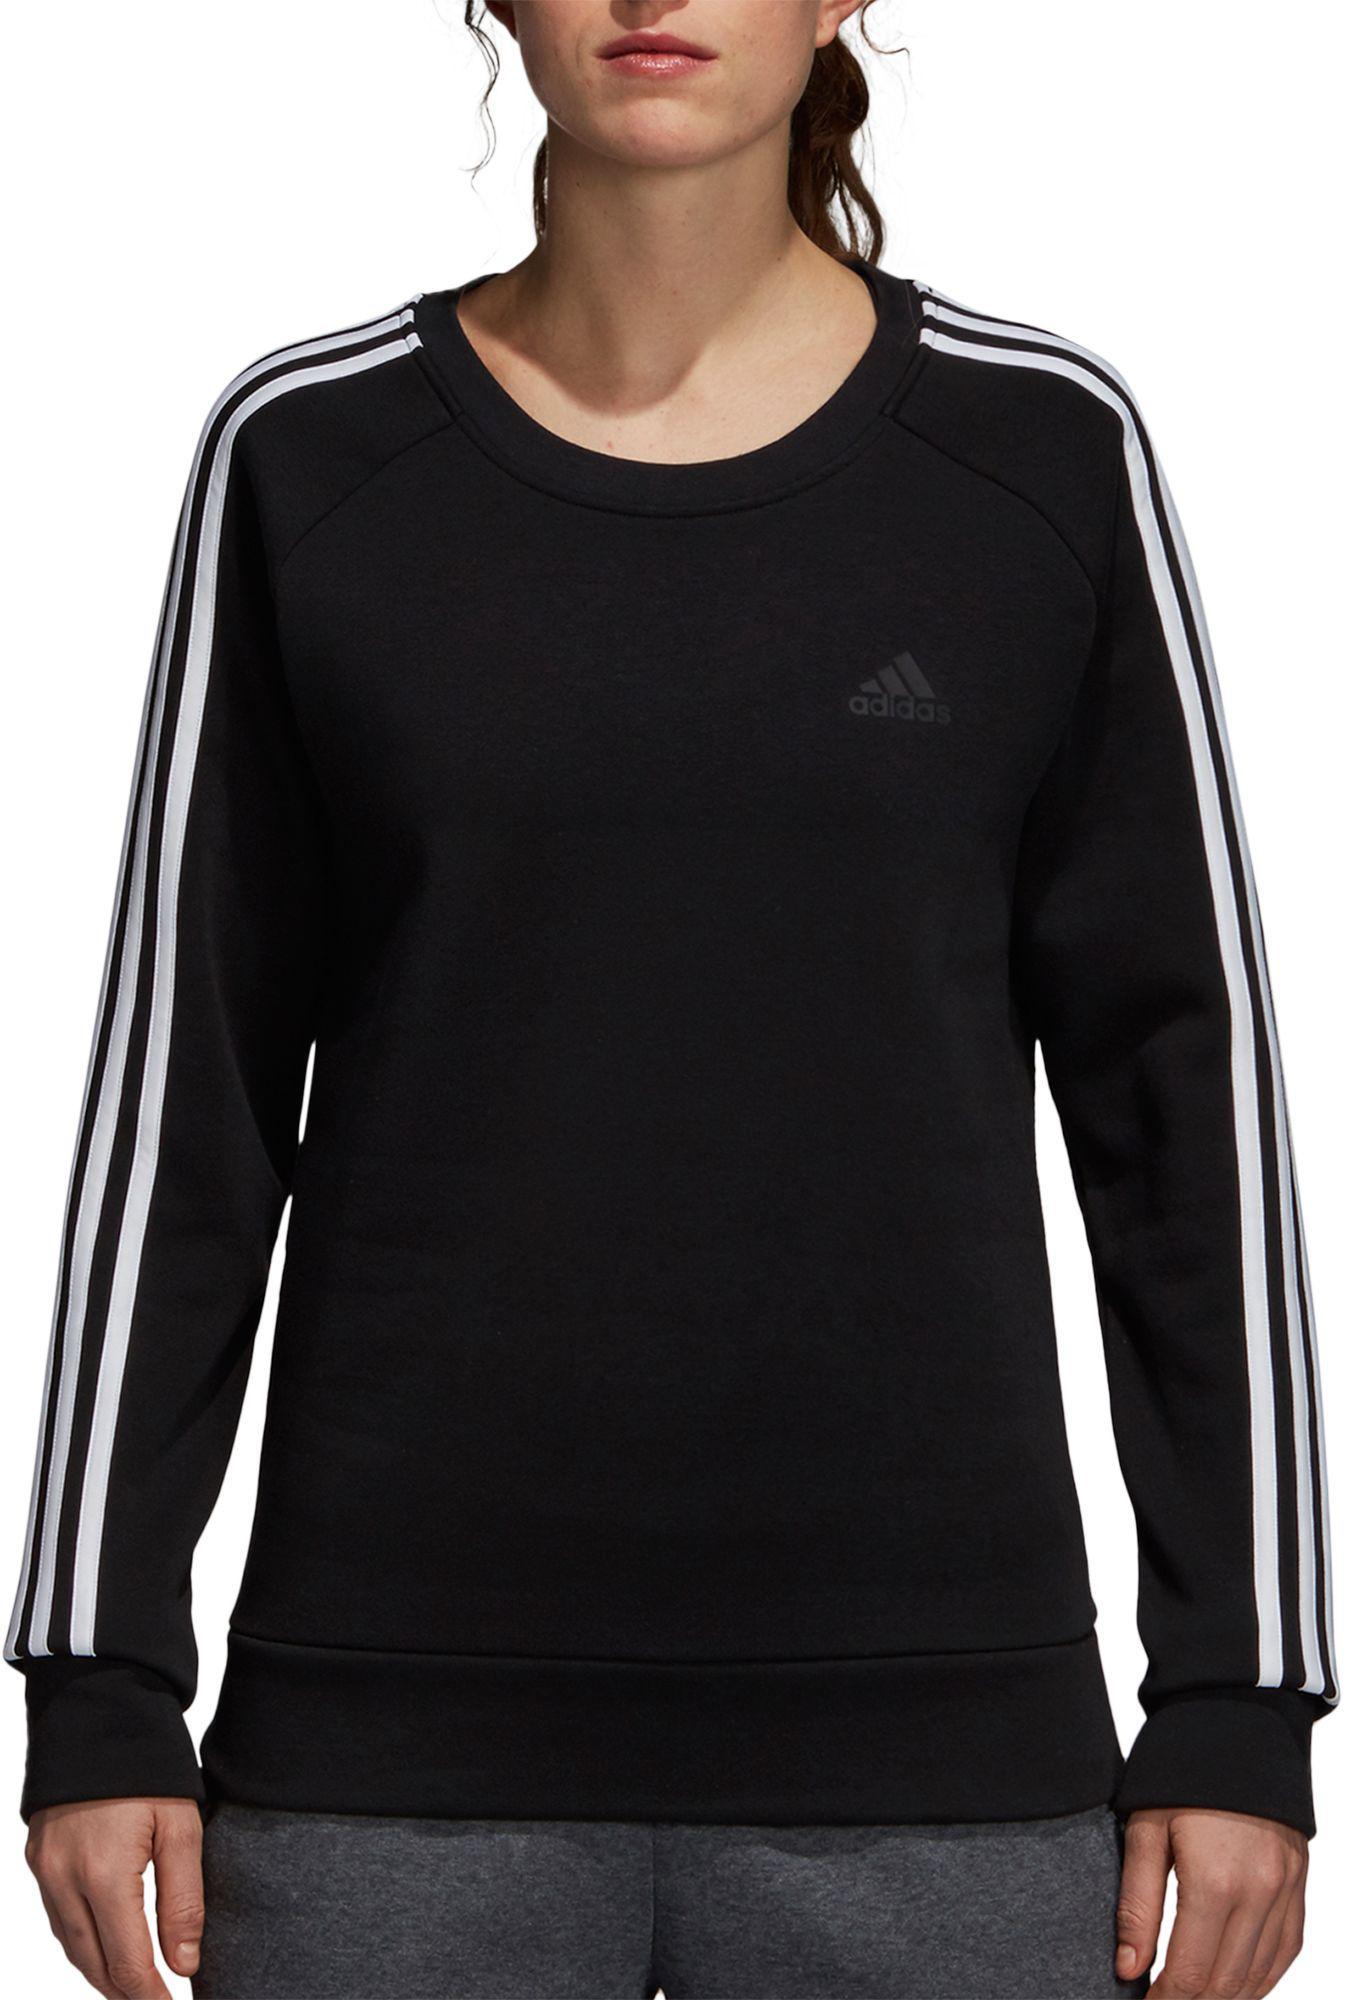 ef5e8f3d8b9 Lyst - adidas Essentials 3-stripes Crewneck Sweatshirt in Black